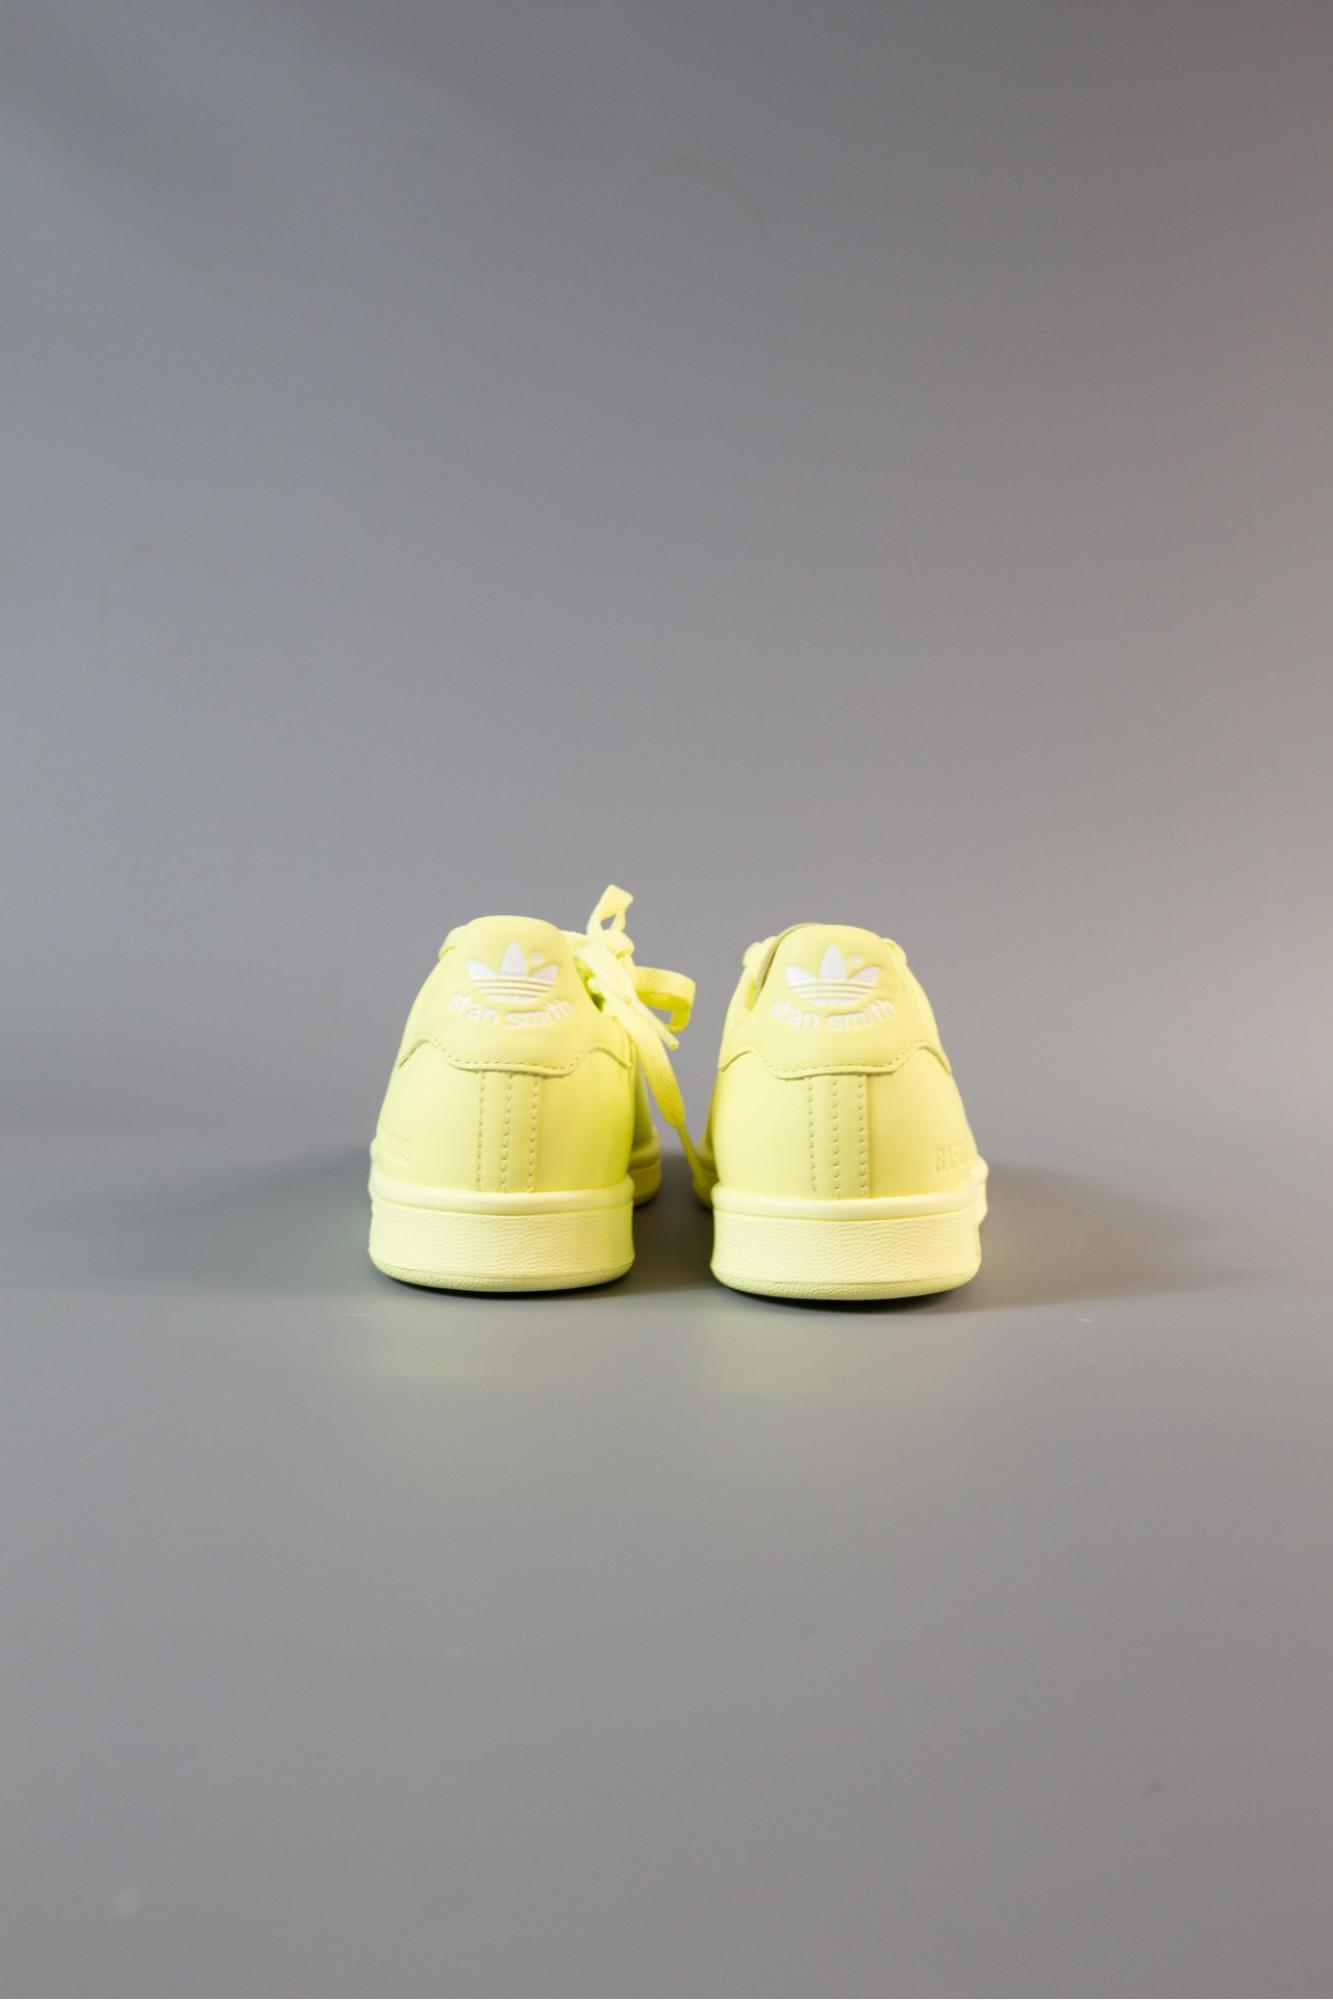 Raf Simons Yellow Stan Smith Sneakers